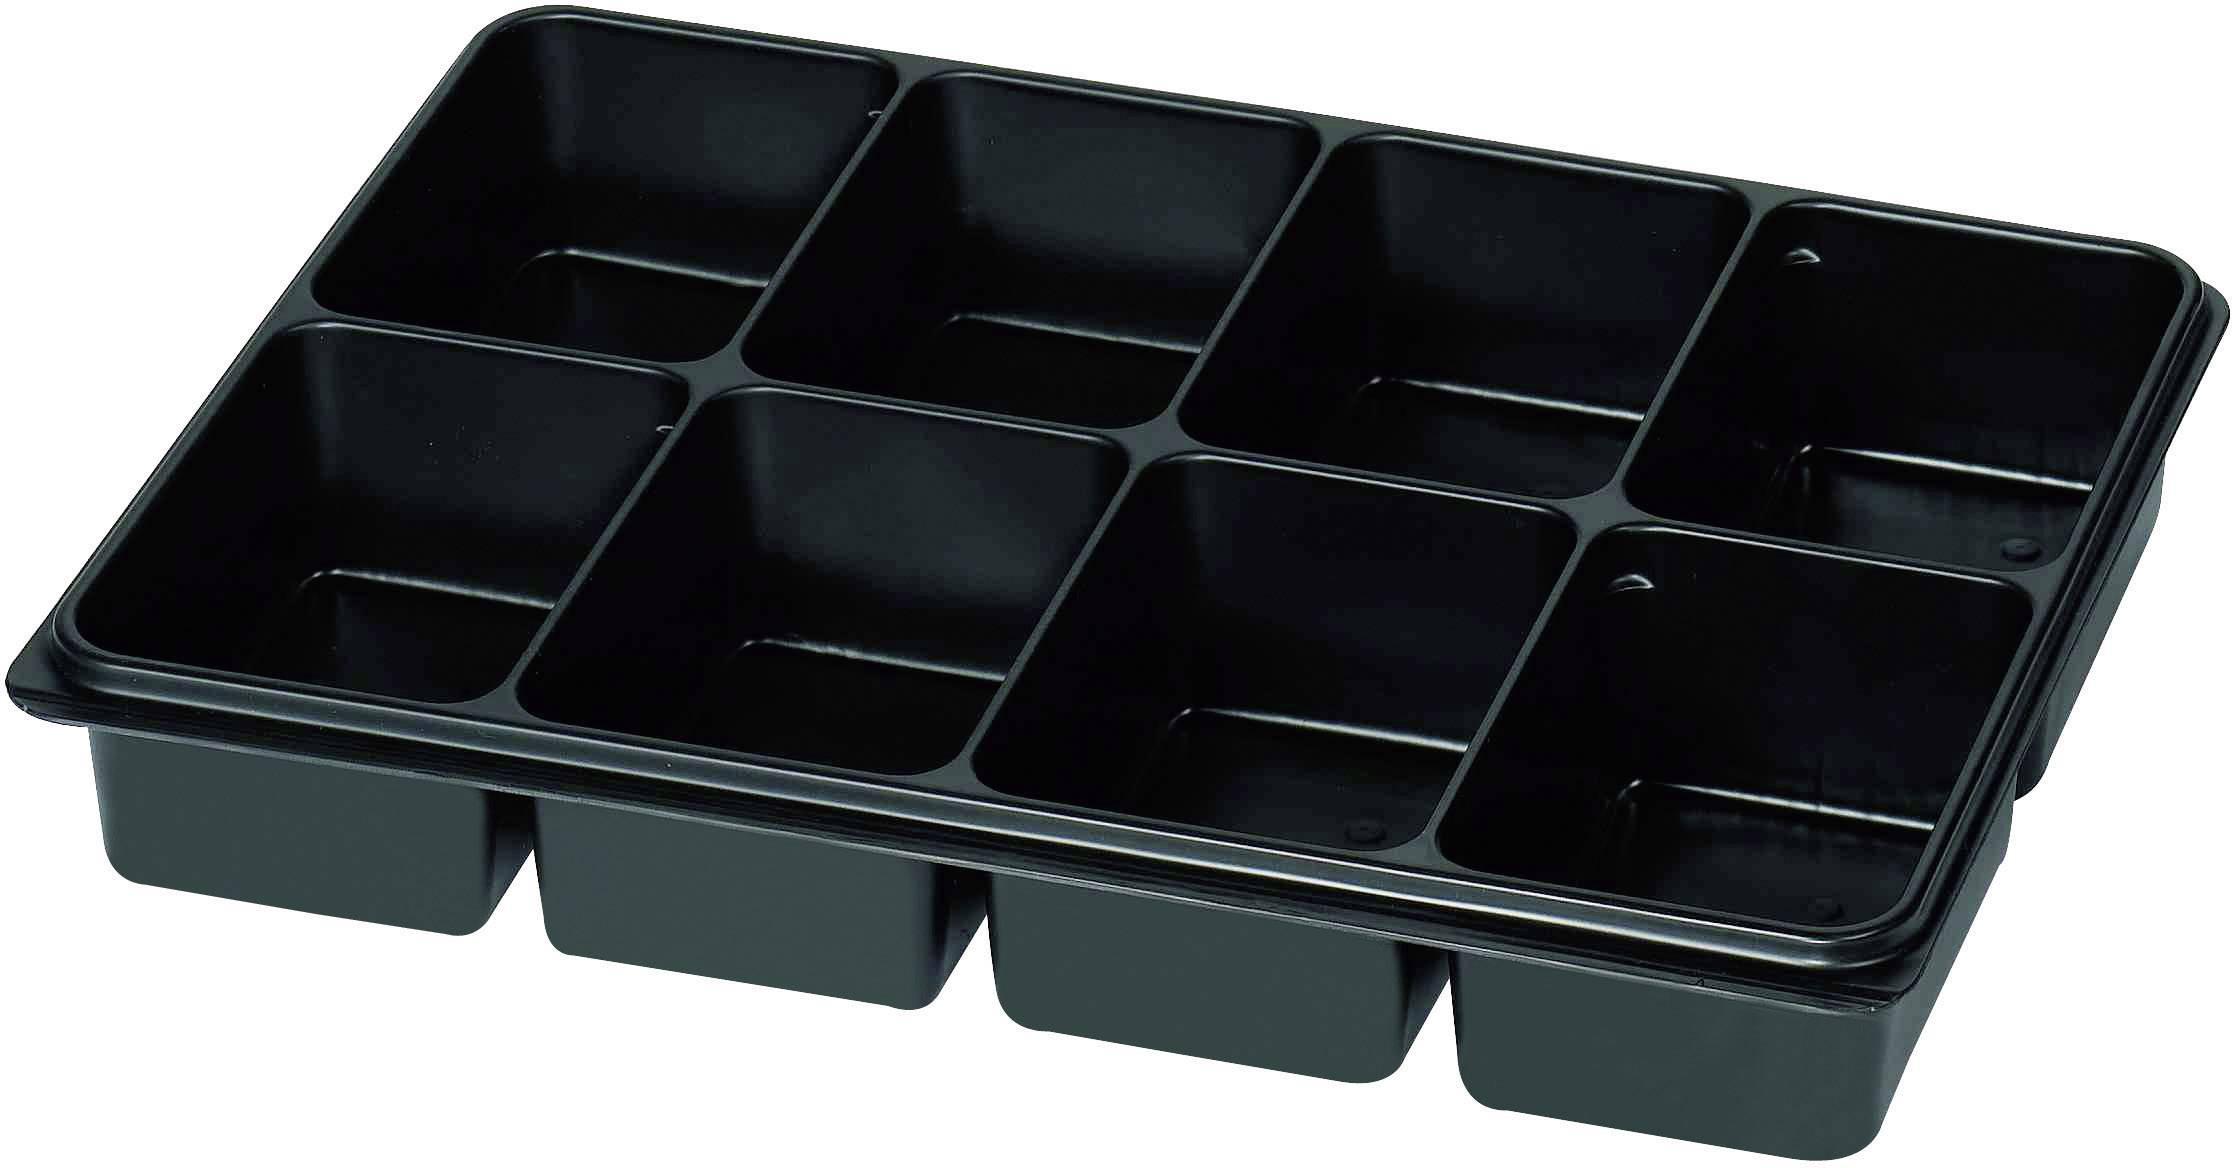 Plastová krabička na drobné súčiastky 815348, priečinkov: 8, 335 x 235 x 50 , čierna